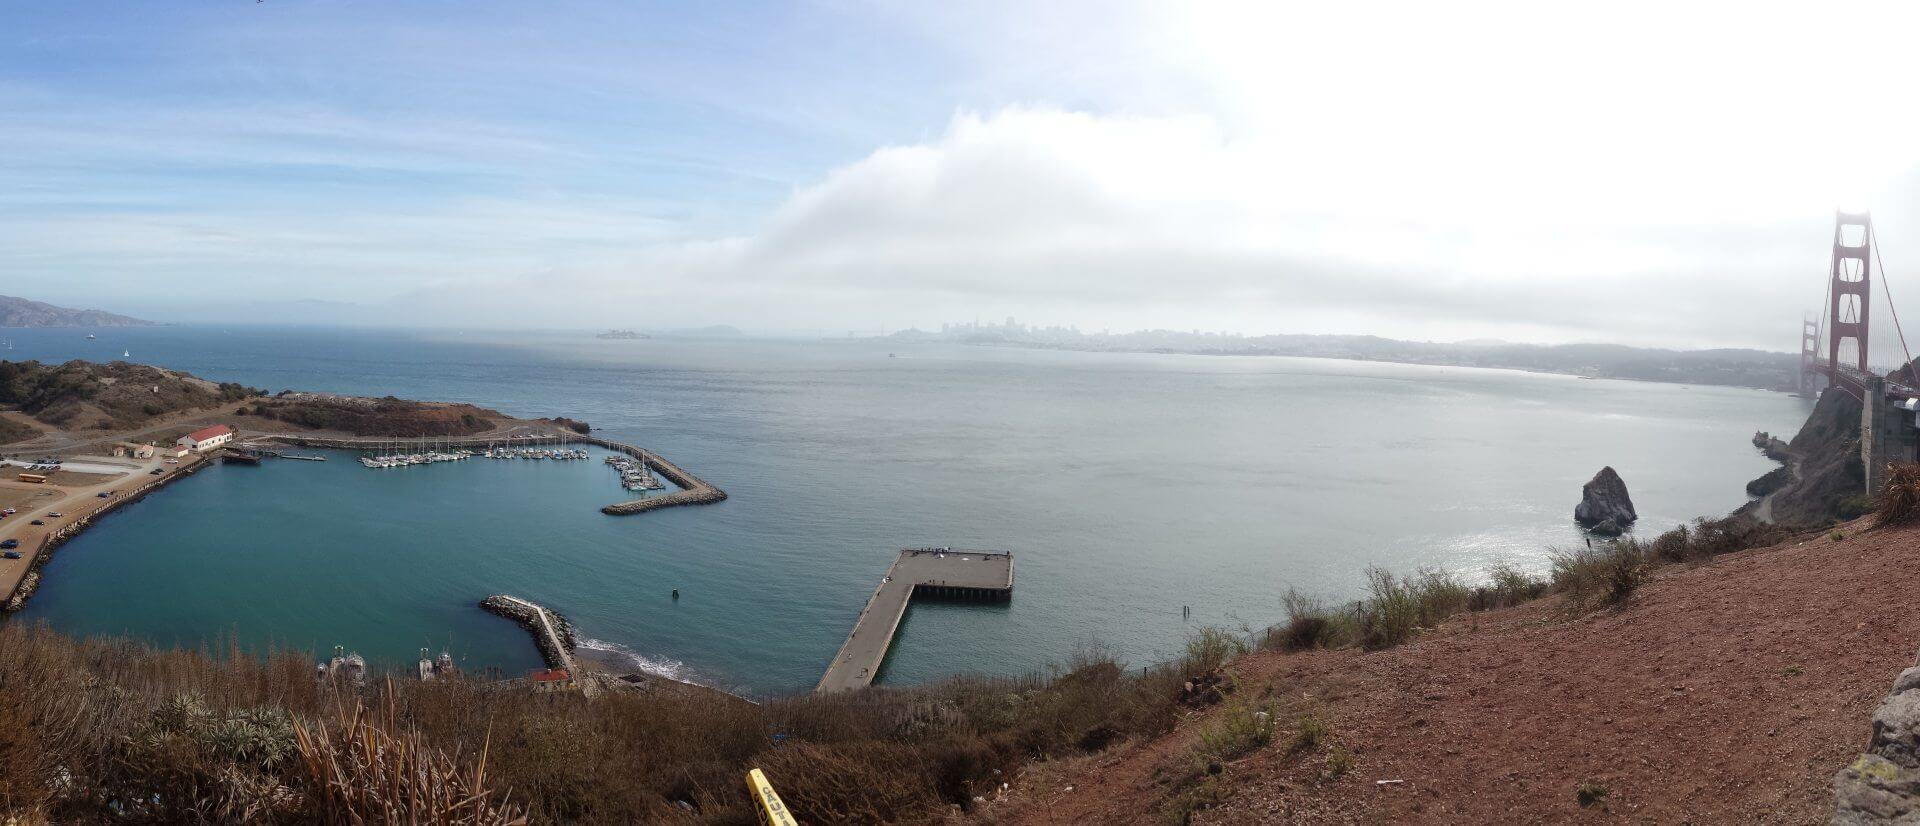 Blick in die Bucht. Bilder und Eindrücke aus San Francisco, California, United States.